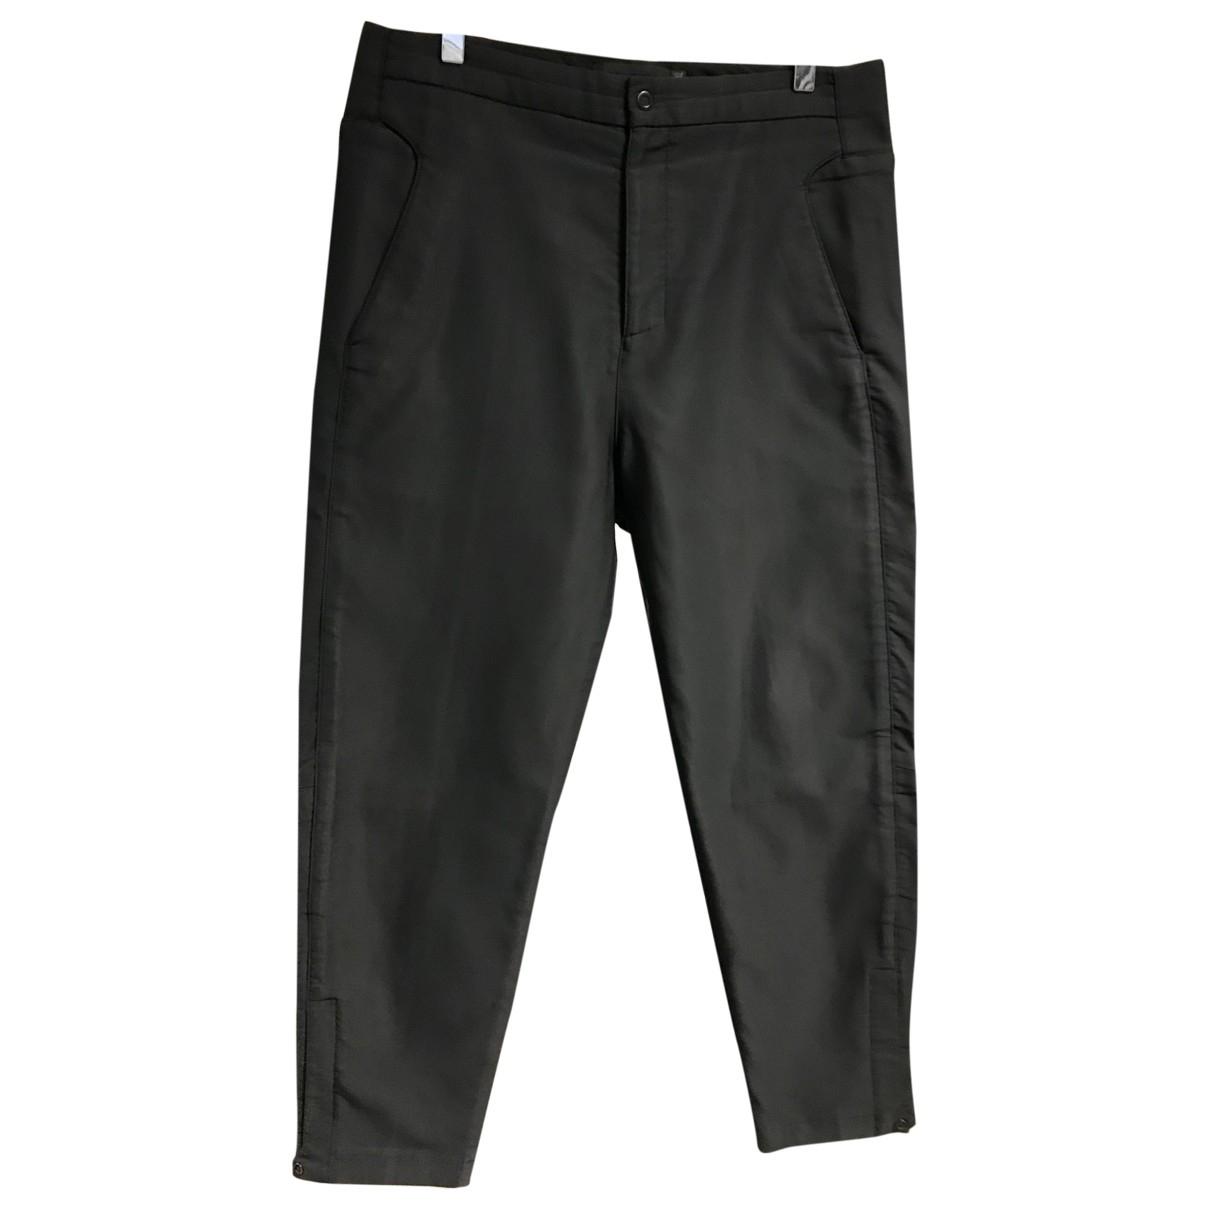 Pantalones en Sintetico Antracita Alexander Wang